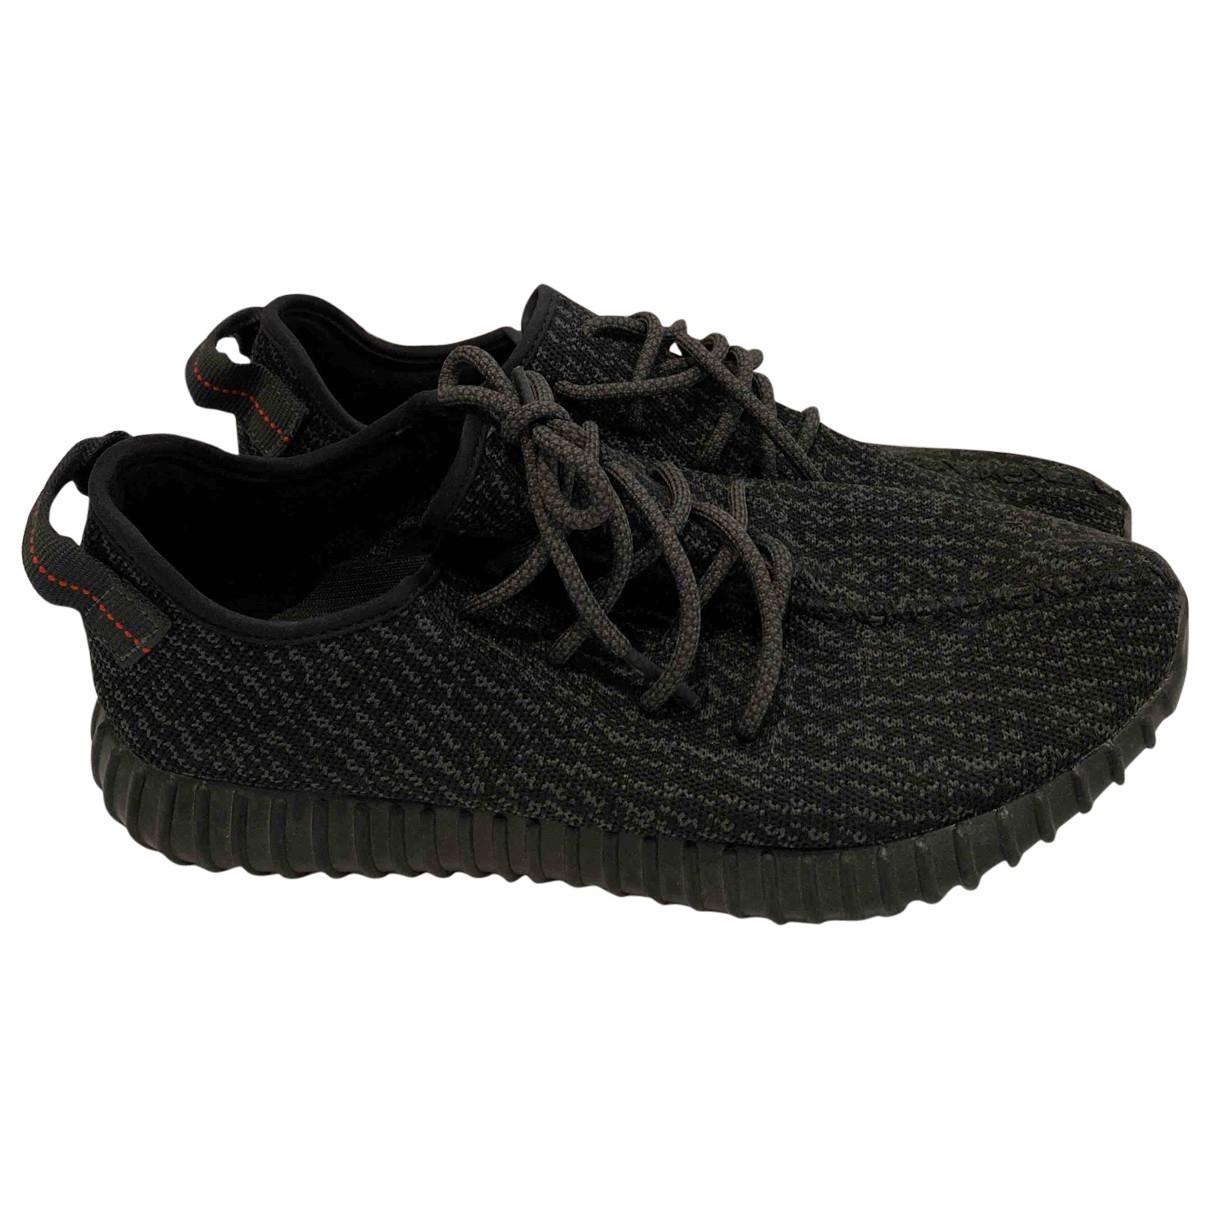 Yeezy X Adidas - Baskets Boost 350 V2 pour homme en toile - noir